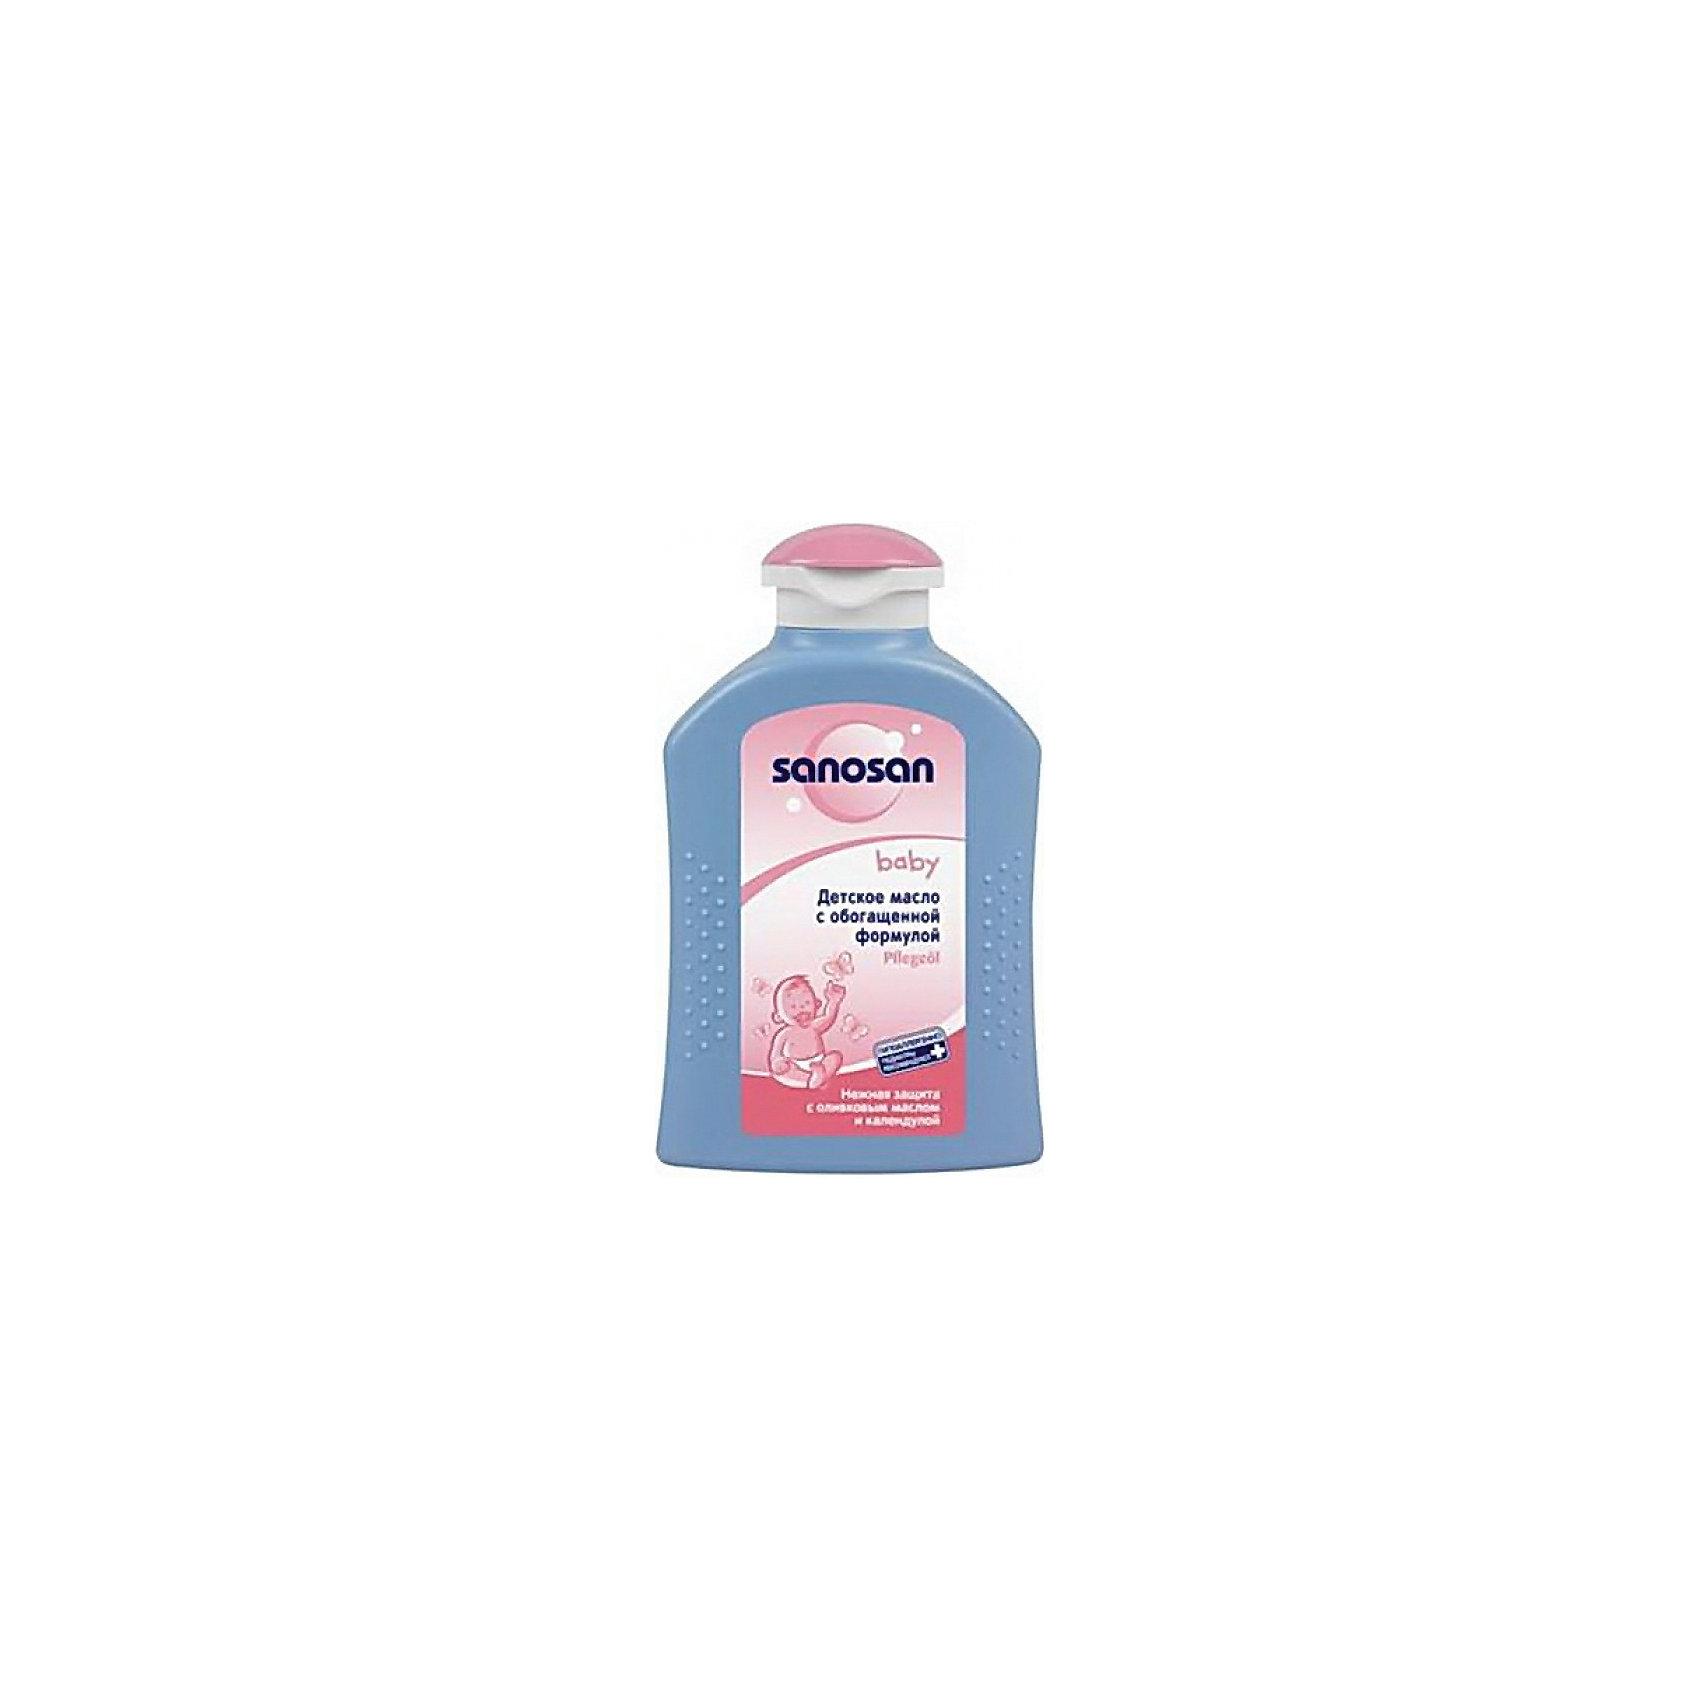 Детское масло с обогащённой формулой, Sanosan, 200 млКосметика для младнецев<br>sanosan baby Масло для очистки<br>Для очищения кожи зоны трусиков от загрязнений при смене подгузников (с помощью ватных тампонов или салфеток). Содержит календулу, бисаболол и витамин Е.<br>Клинически протестировано<br>Не содержит красителей<br>Для применения с первых дней жизни. Подходит детям и взрослым с сухой и очень чувствительной кожей.<br>Ингредиенты:<br>PARAFFINUM LIQUIDUM, HELIANTHUS ANNUUS (SUNFLOWER) SEED OIL, CAPRYLIC/CAPRIC TRIGLYCERIDE, OLEA EUROPAEA (OLIVE) FRUIT OIL, PARFUM, CALENDULA OFFICINALIS FLOWER EXTRACT, TOCOPHEROL, BISABOLOL<br><br>Ширина мм: 143<br>Глубина мм: 500<br>Высота мм: 60<br>Вес г: 125<br>Возраст от месяцев: -2147483648<br>Возраст до месяцев: 2147483647<br>Пол: Унисекс<br>Возраст: Детский<br>SKU: 4729889